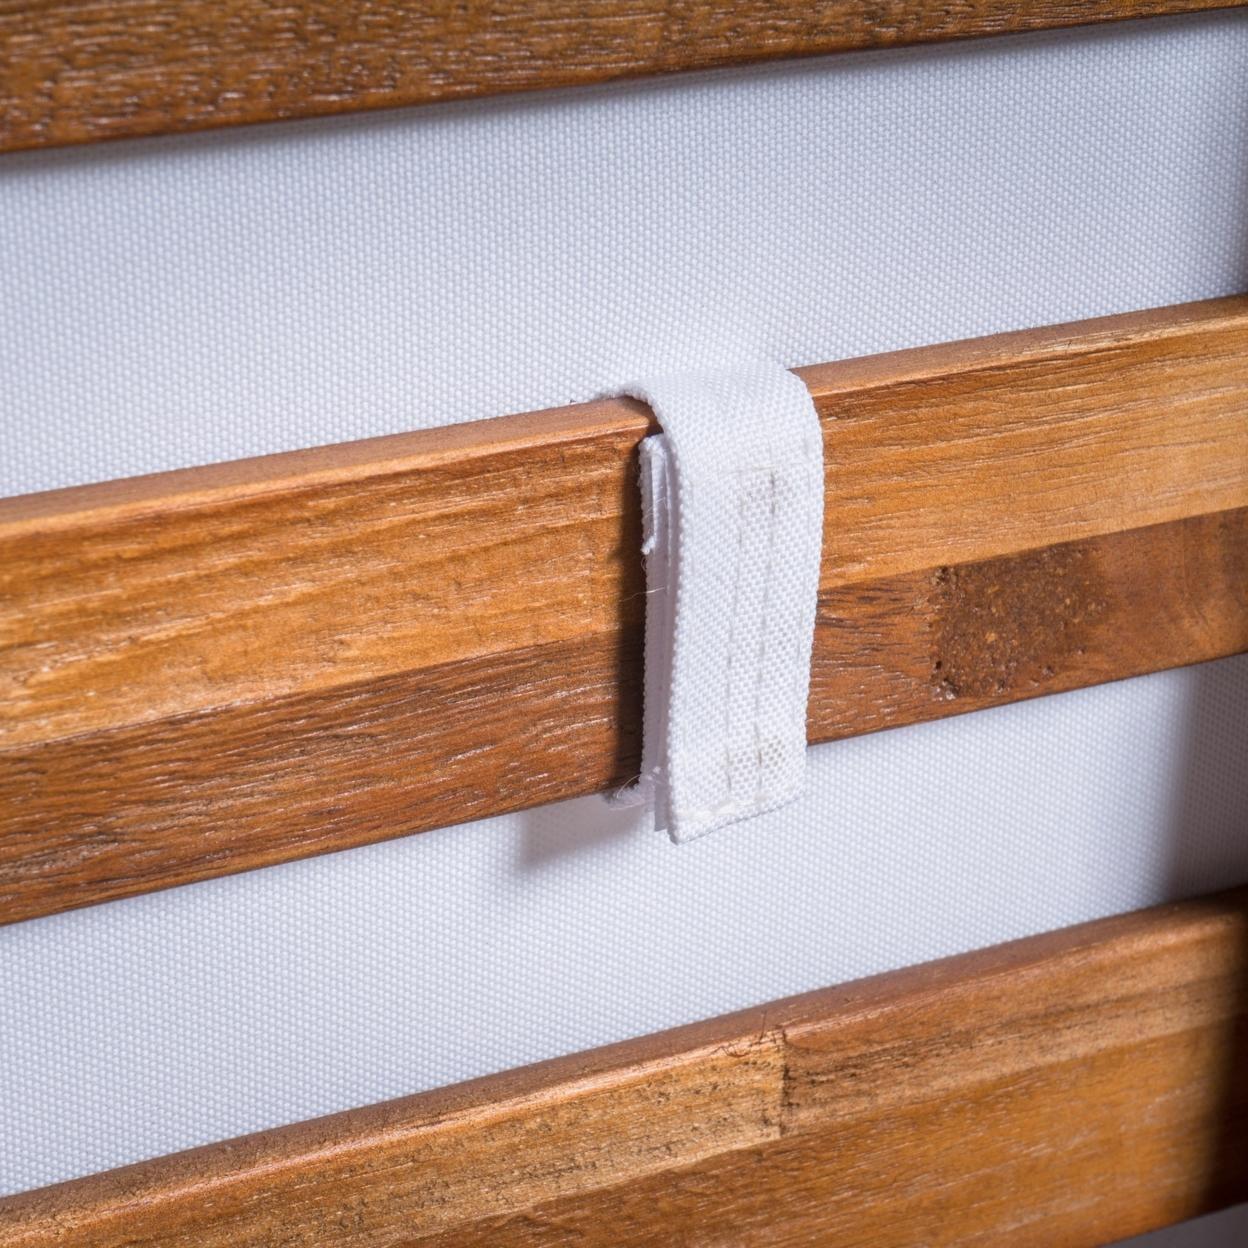 Ellison Indoor Minimalist V Shaped 4 Piece Sandblast Finished Acacia Wood Sectional Sofa Set with White Cushions